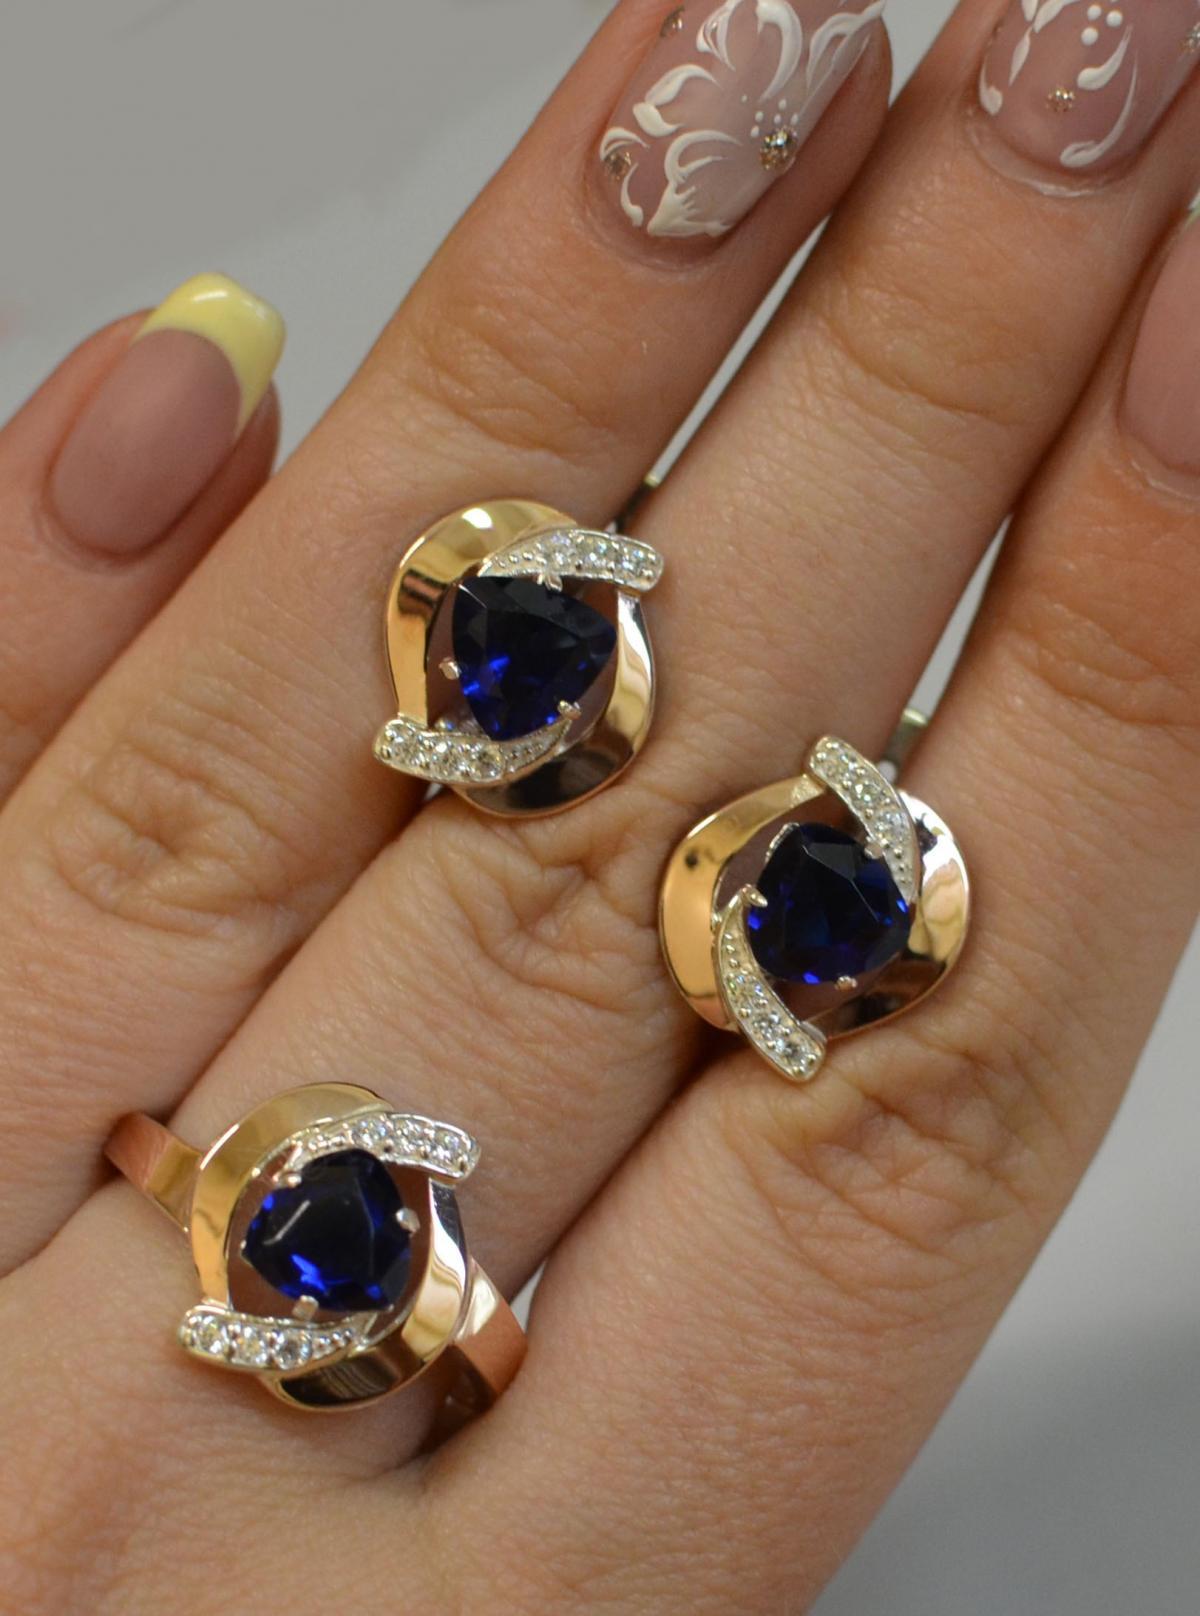 потрудиться, чтобы комплект серьги и кольцо из золота фото отличные большие